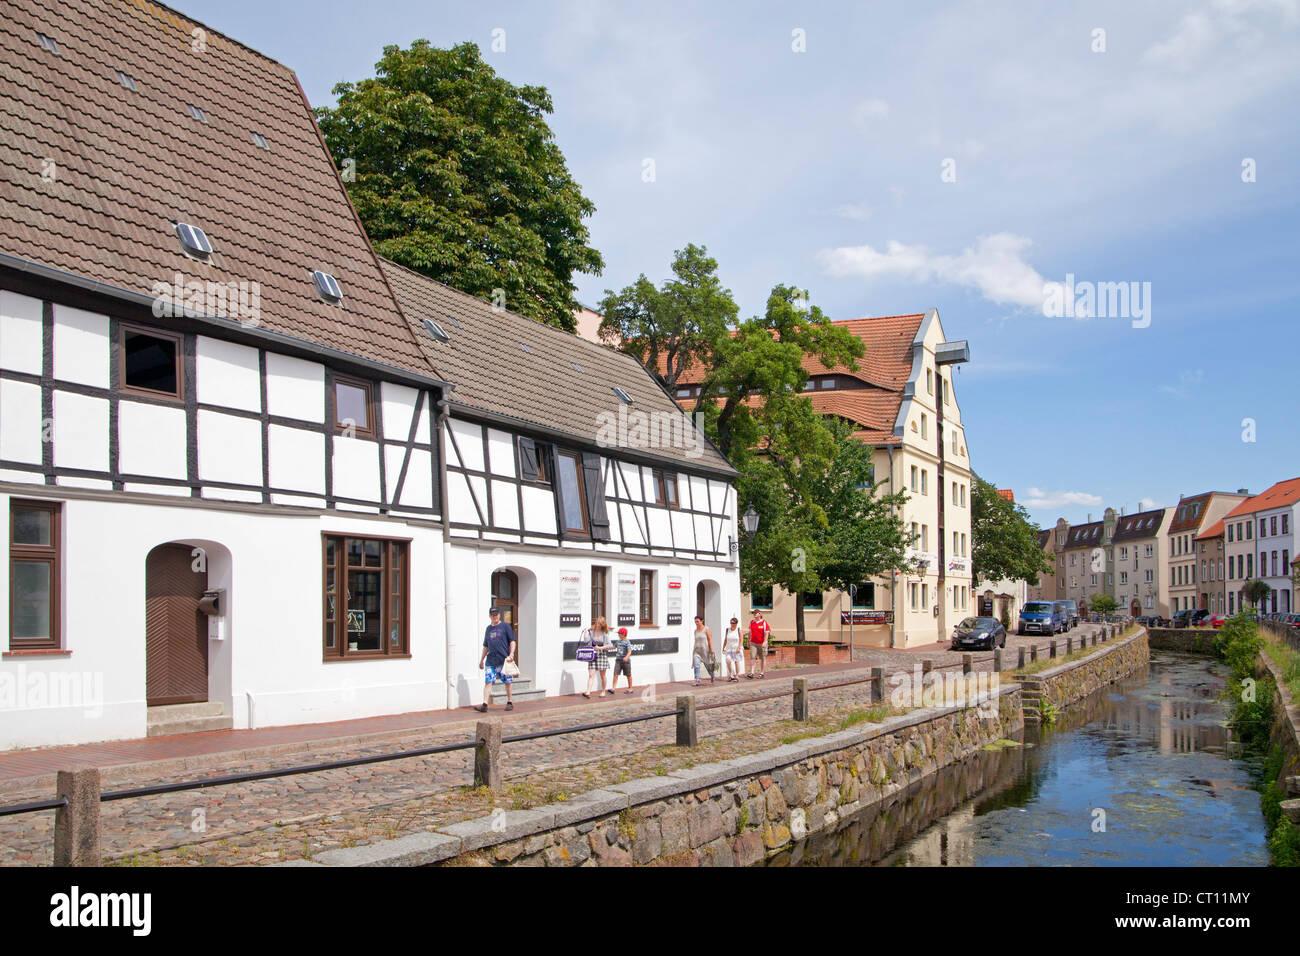 Frische Grube, Wismar, Mecklenburg-West Pomerania, Germany Stock Photo